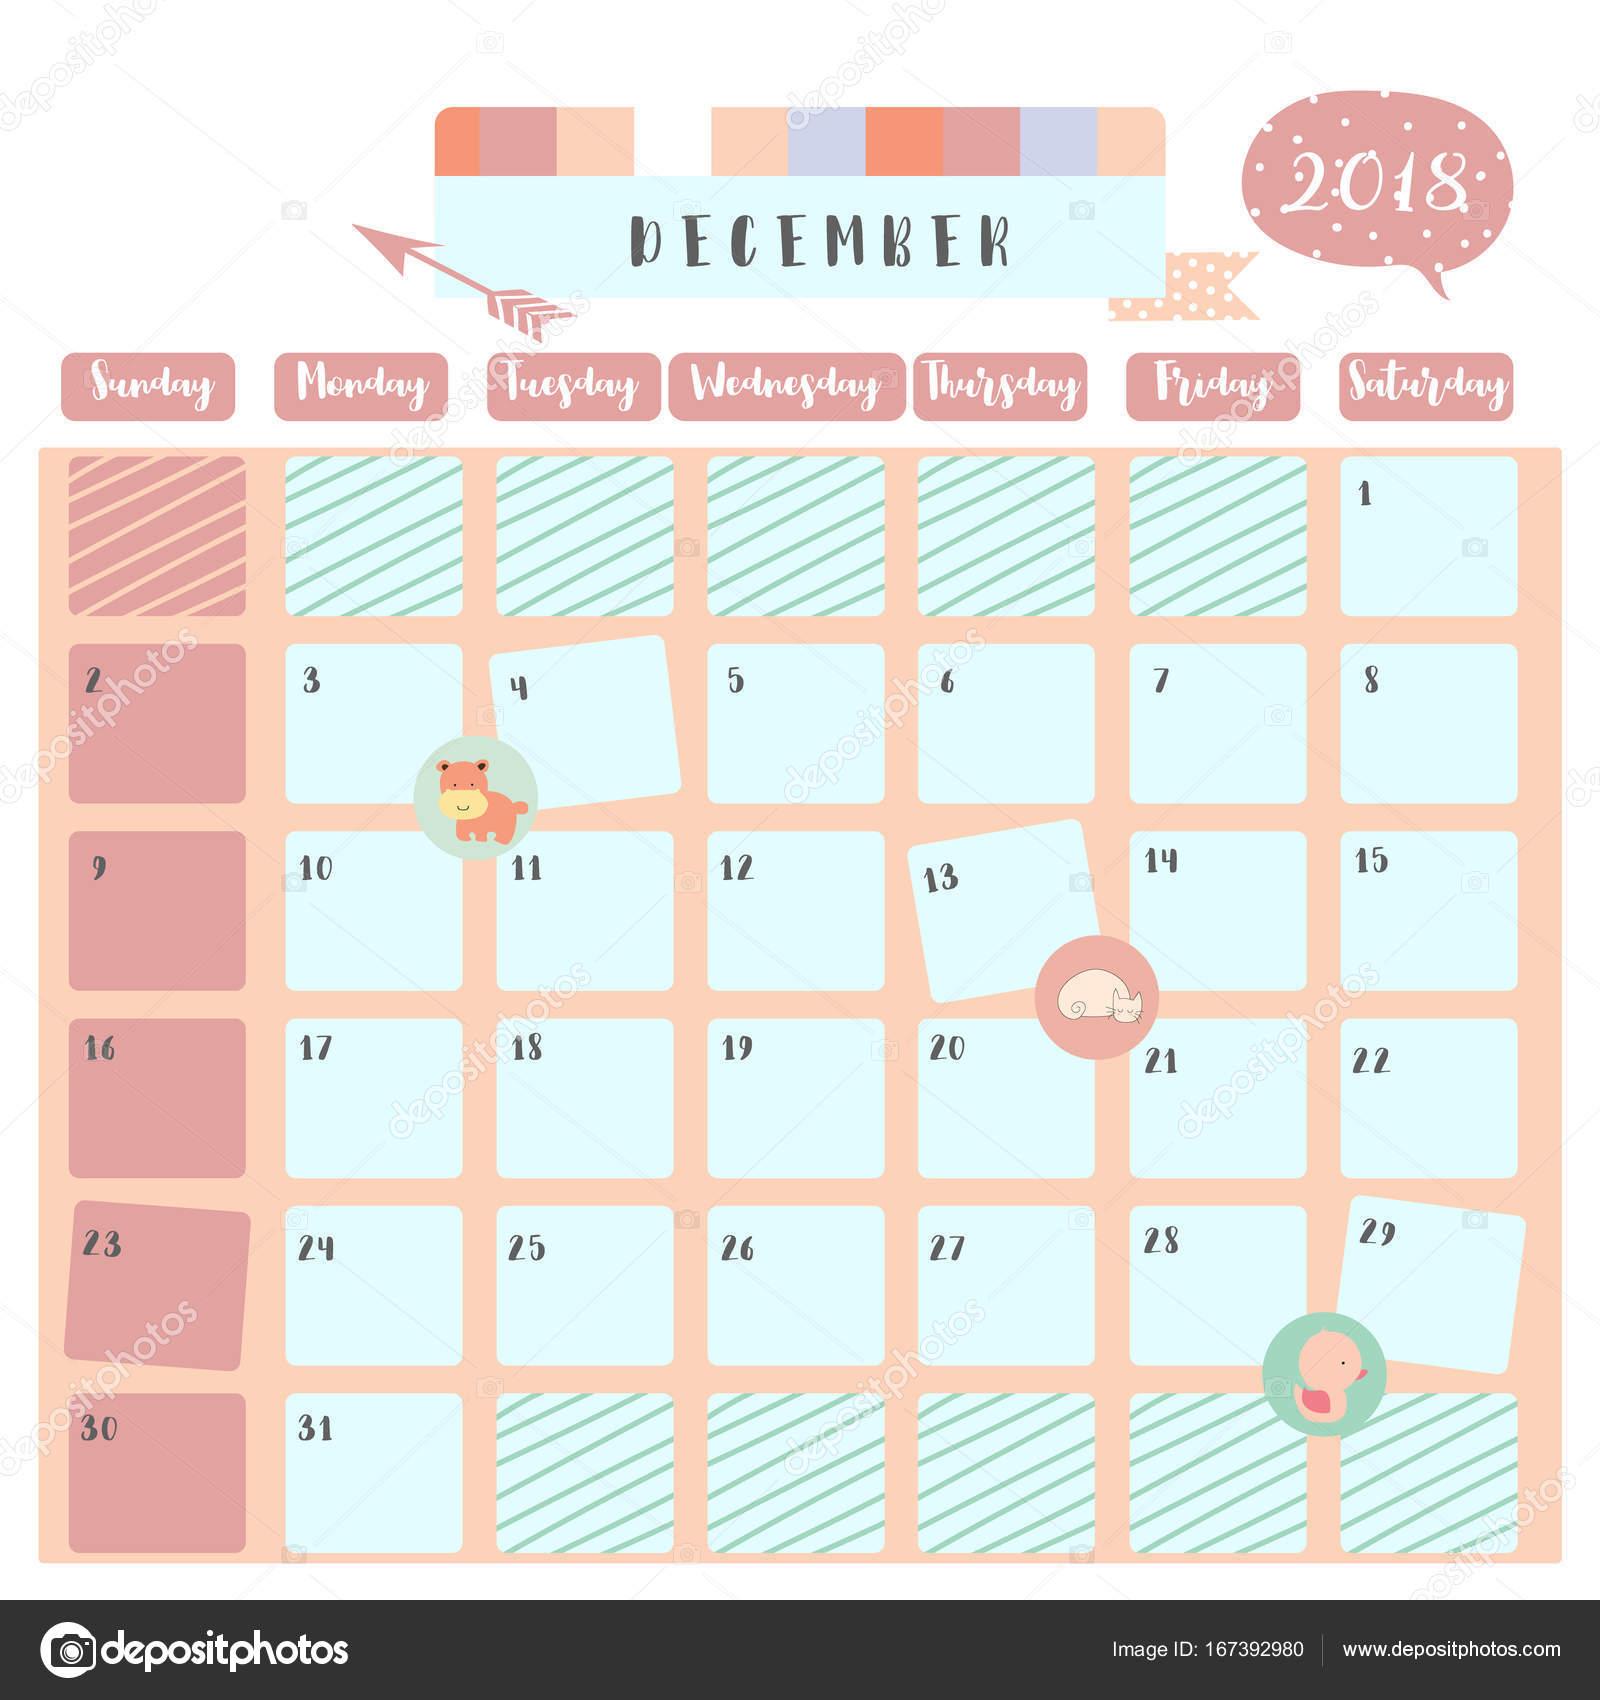 Calendario Dezembro 2019 Bonito.Calendario De Dezembro De 2018 Bonito Colorido Com